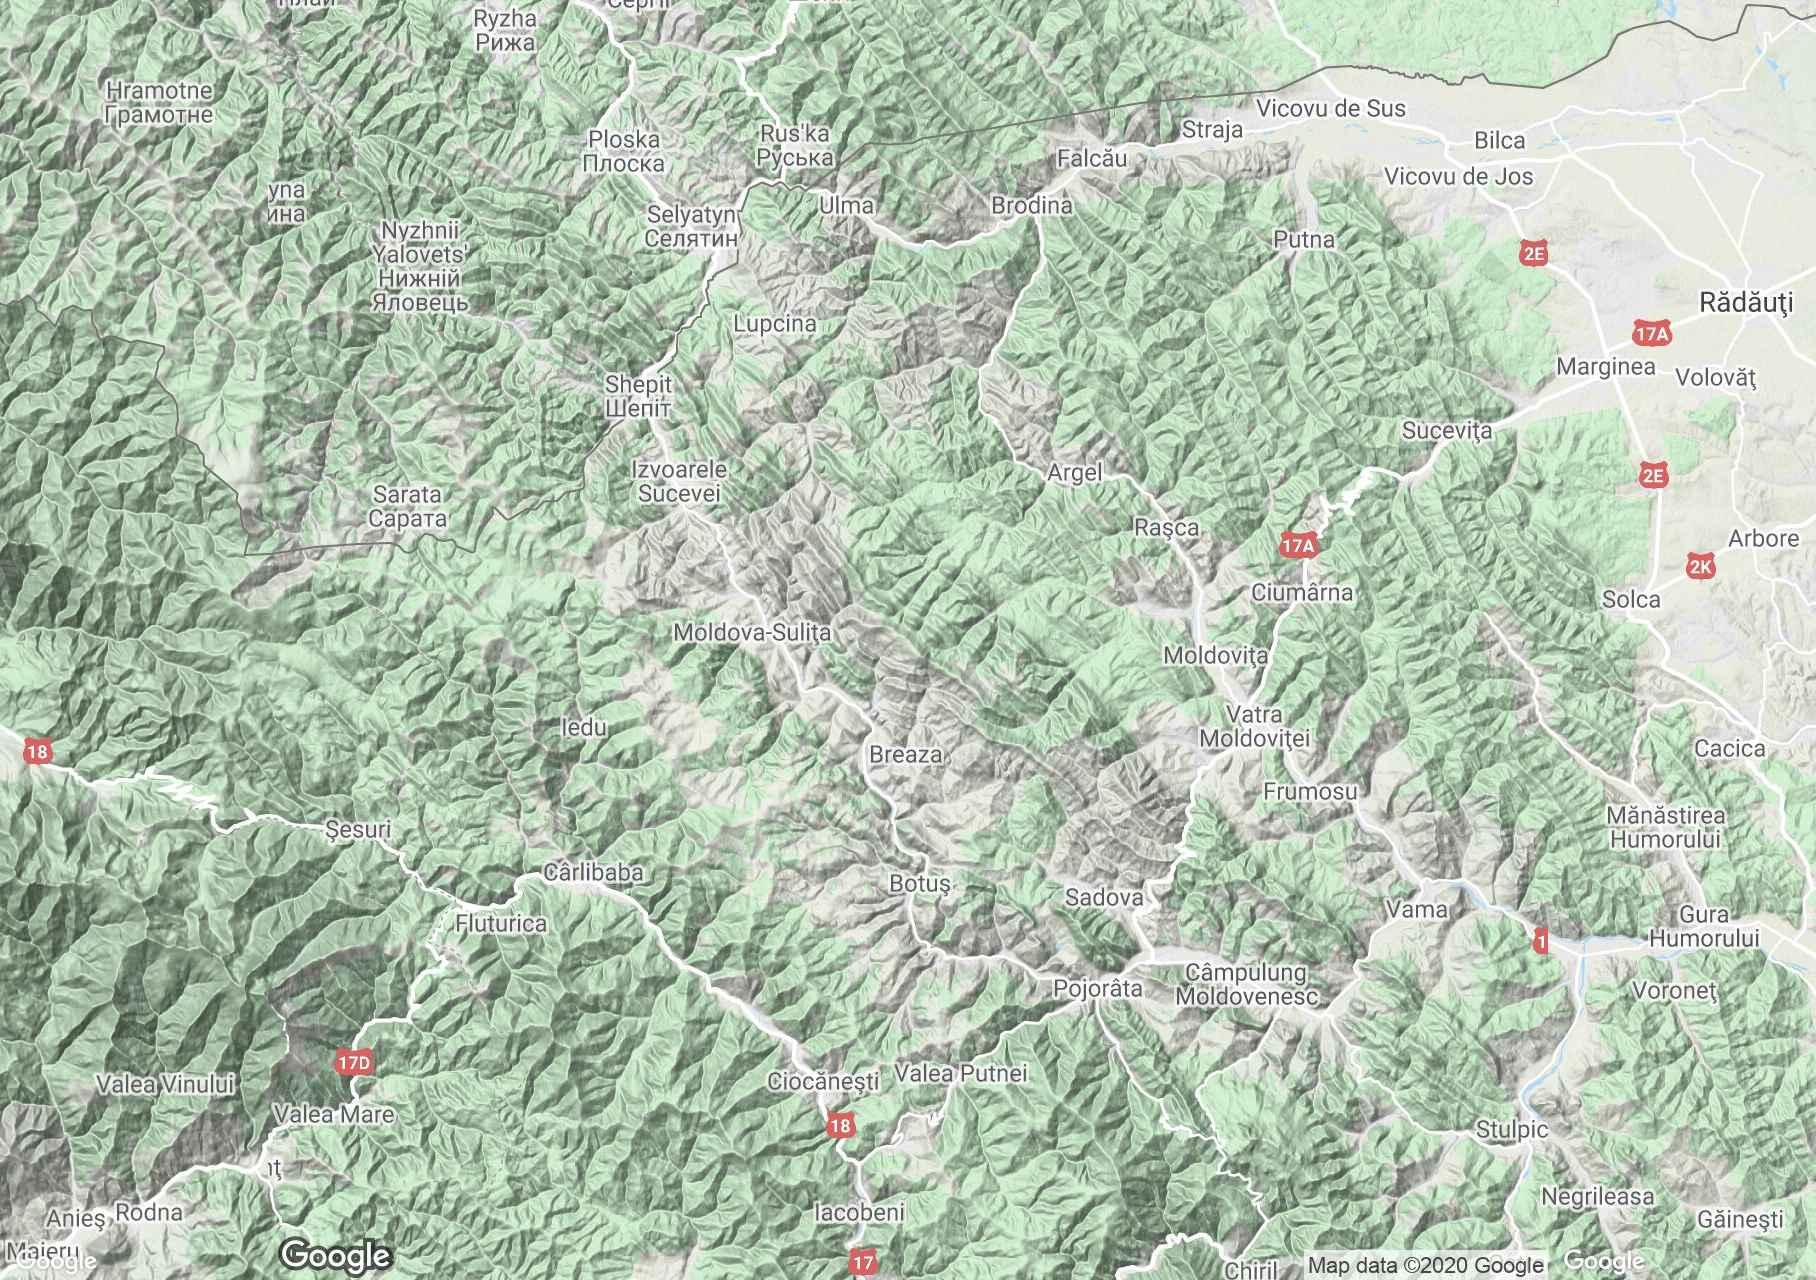 Obcina Feredeu, Harta turistică interactivă